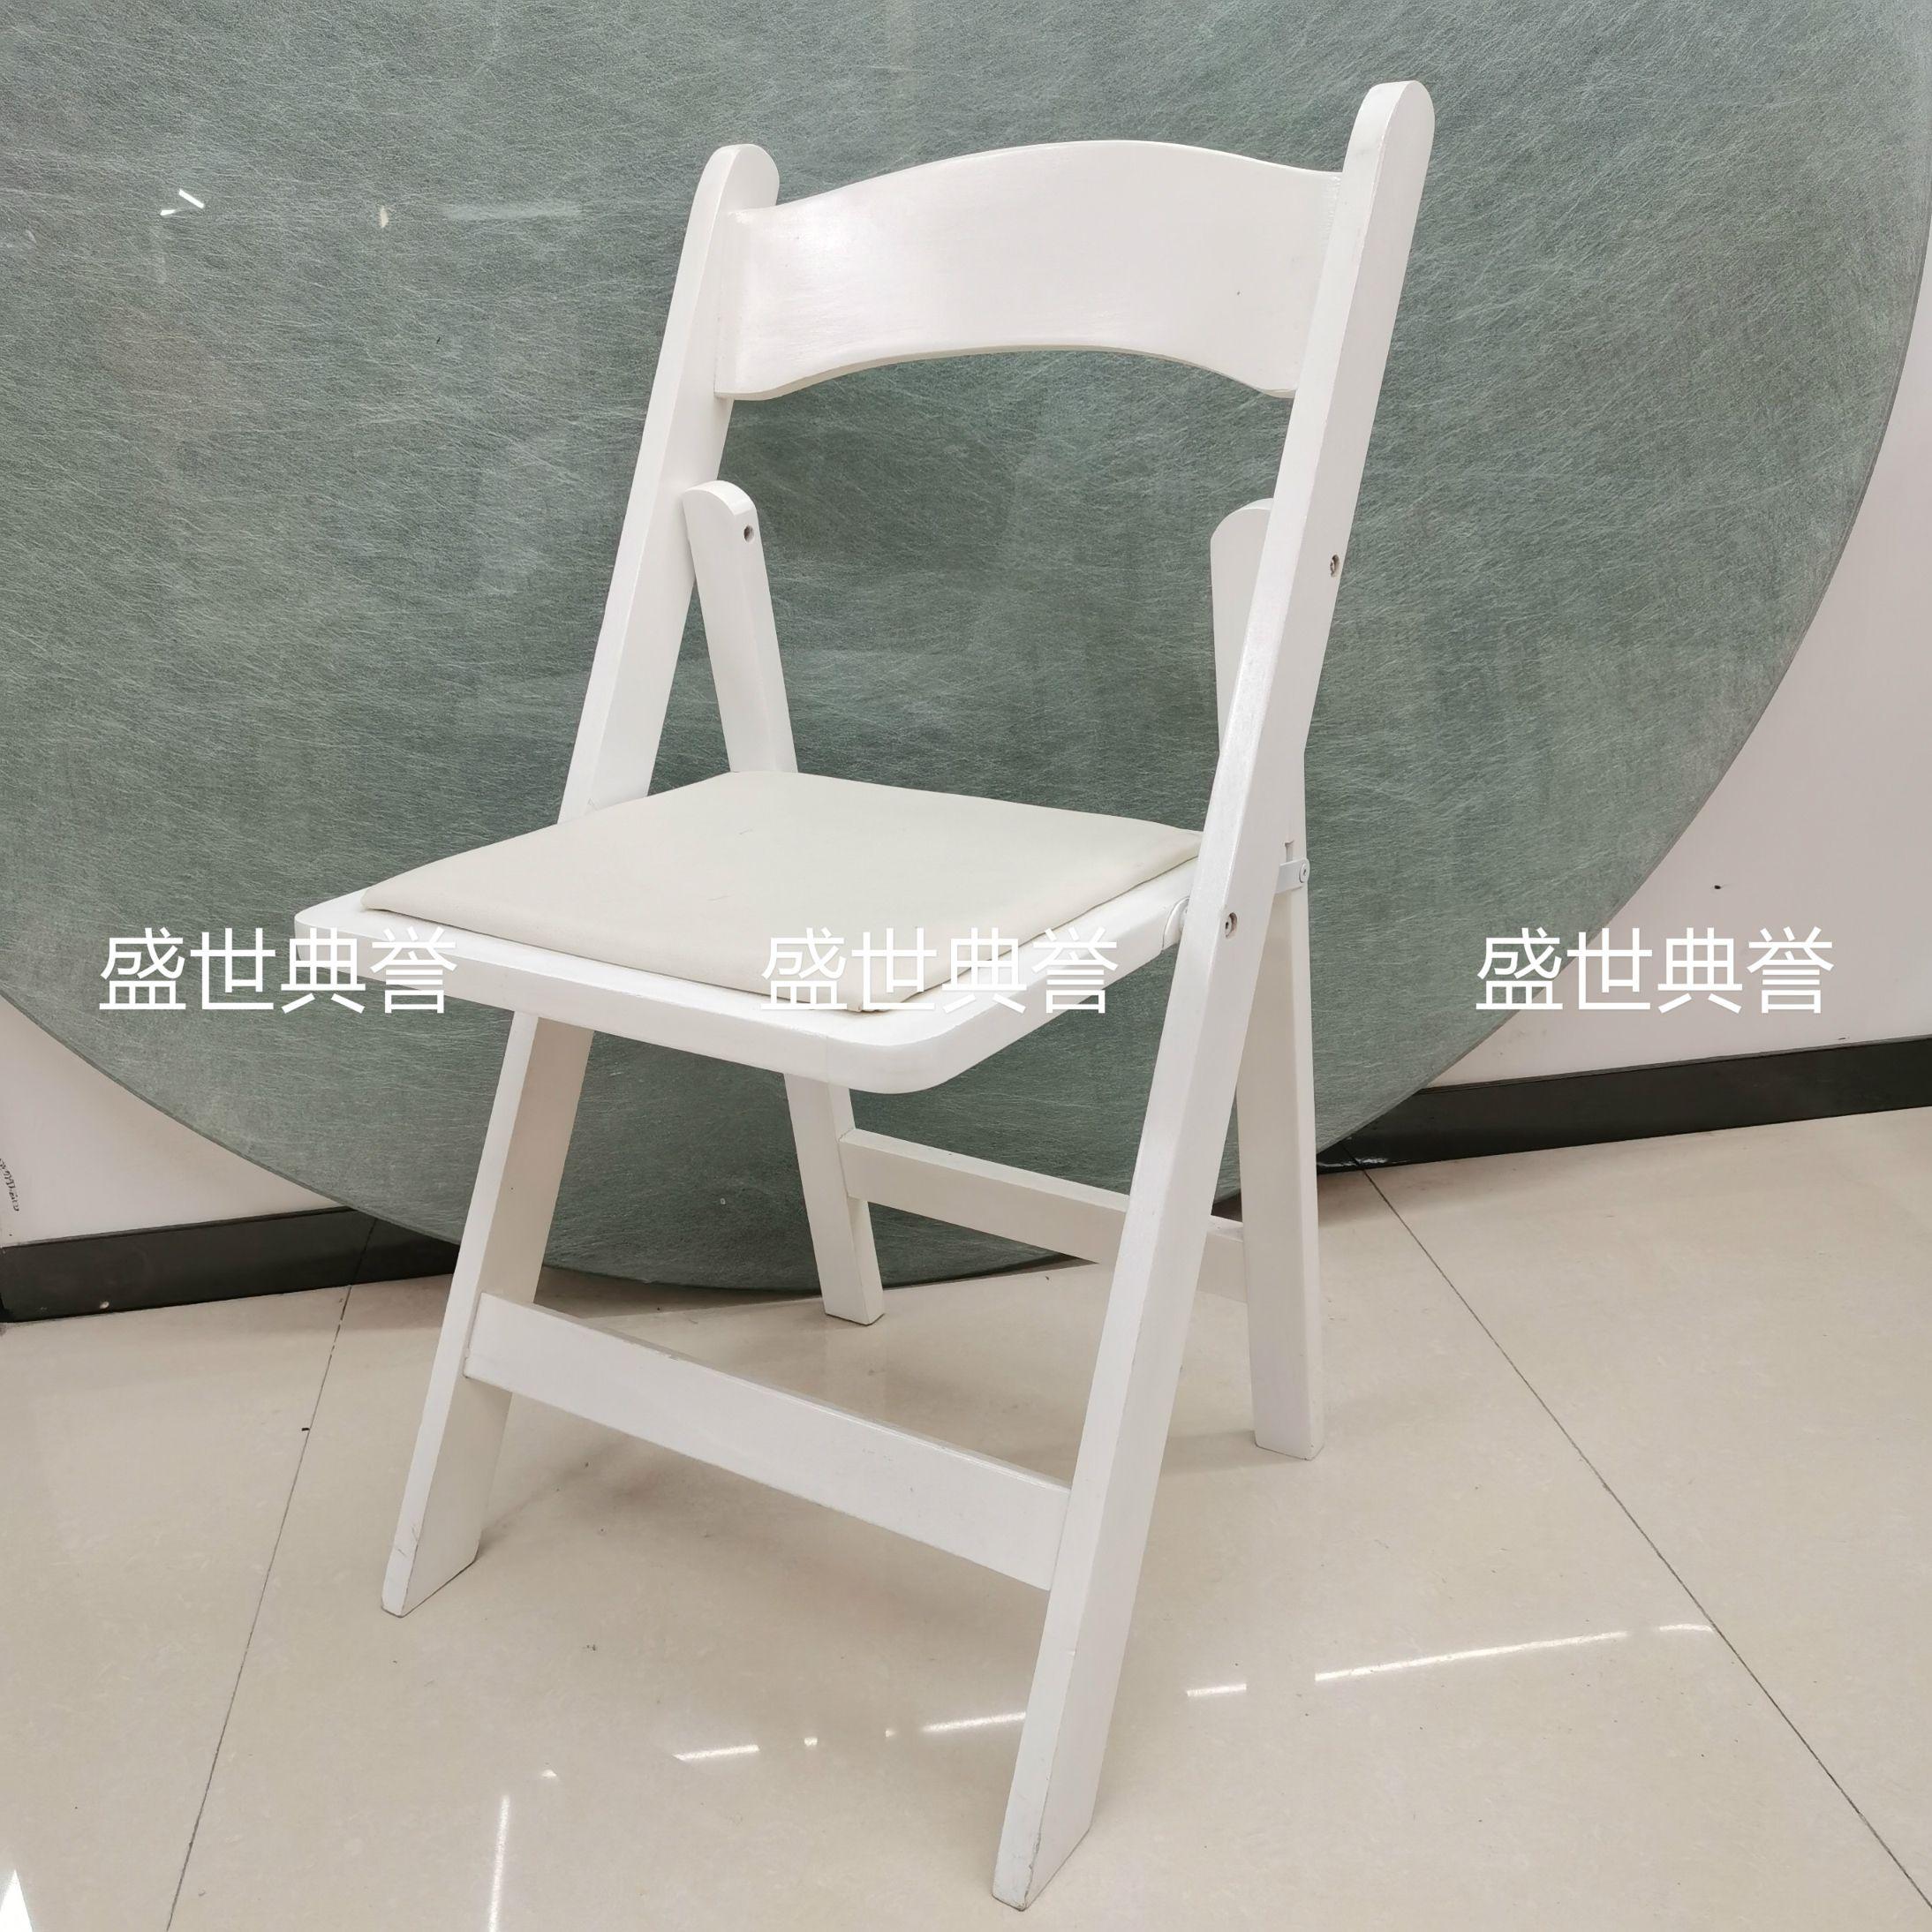 杭州外贸出口户外折叠椅 户外婚礼实木折叠椅子 宴会聚会白色椅子